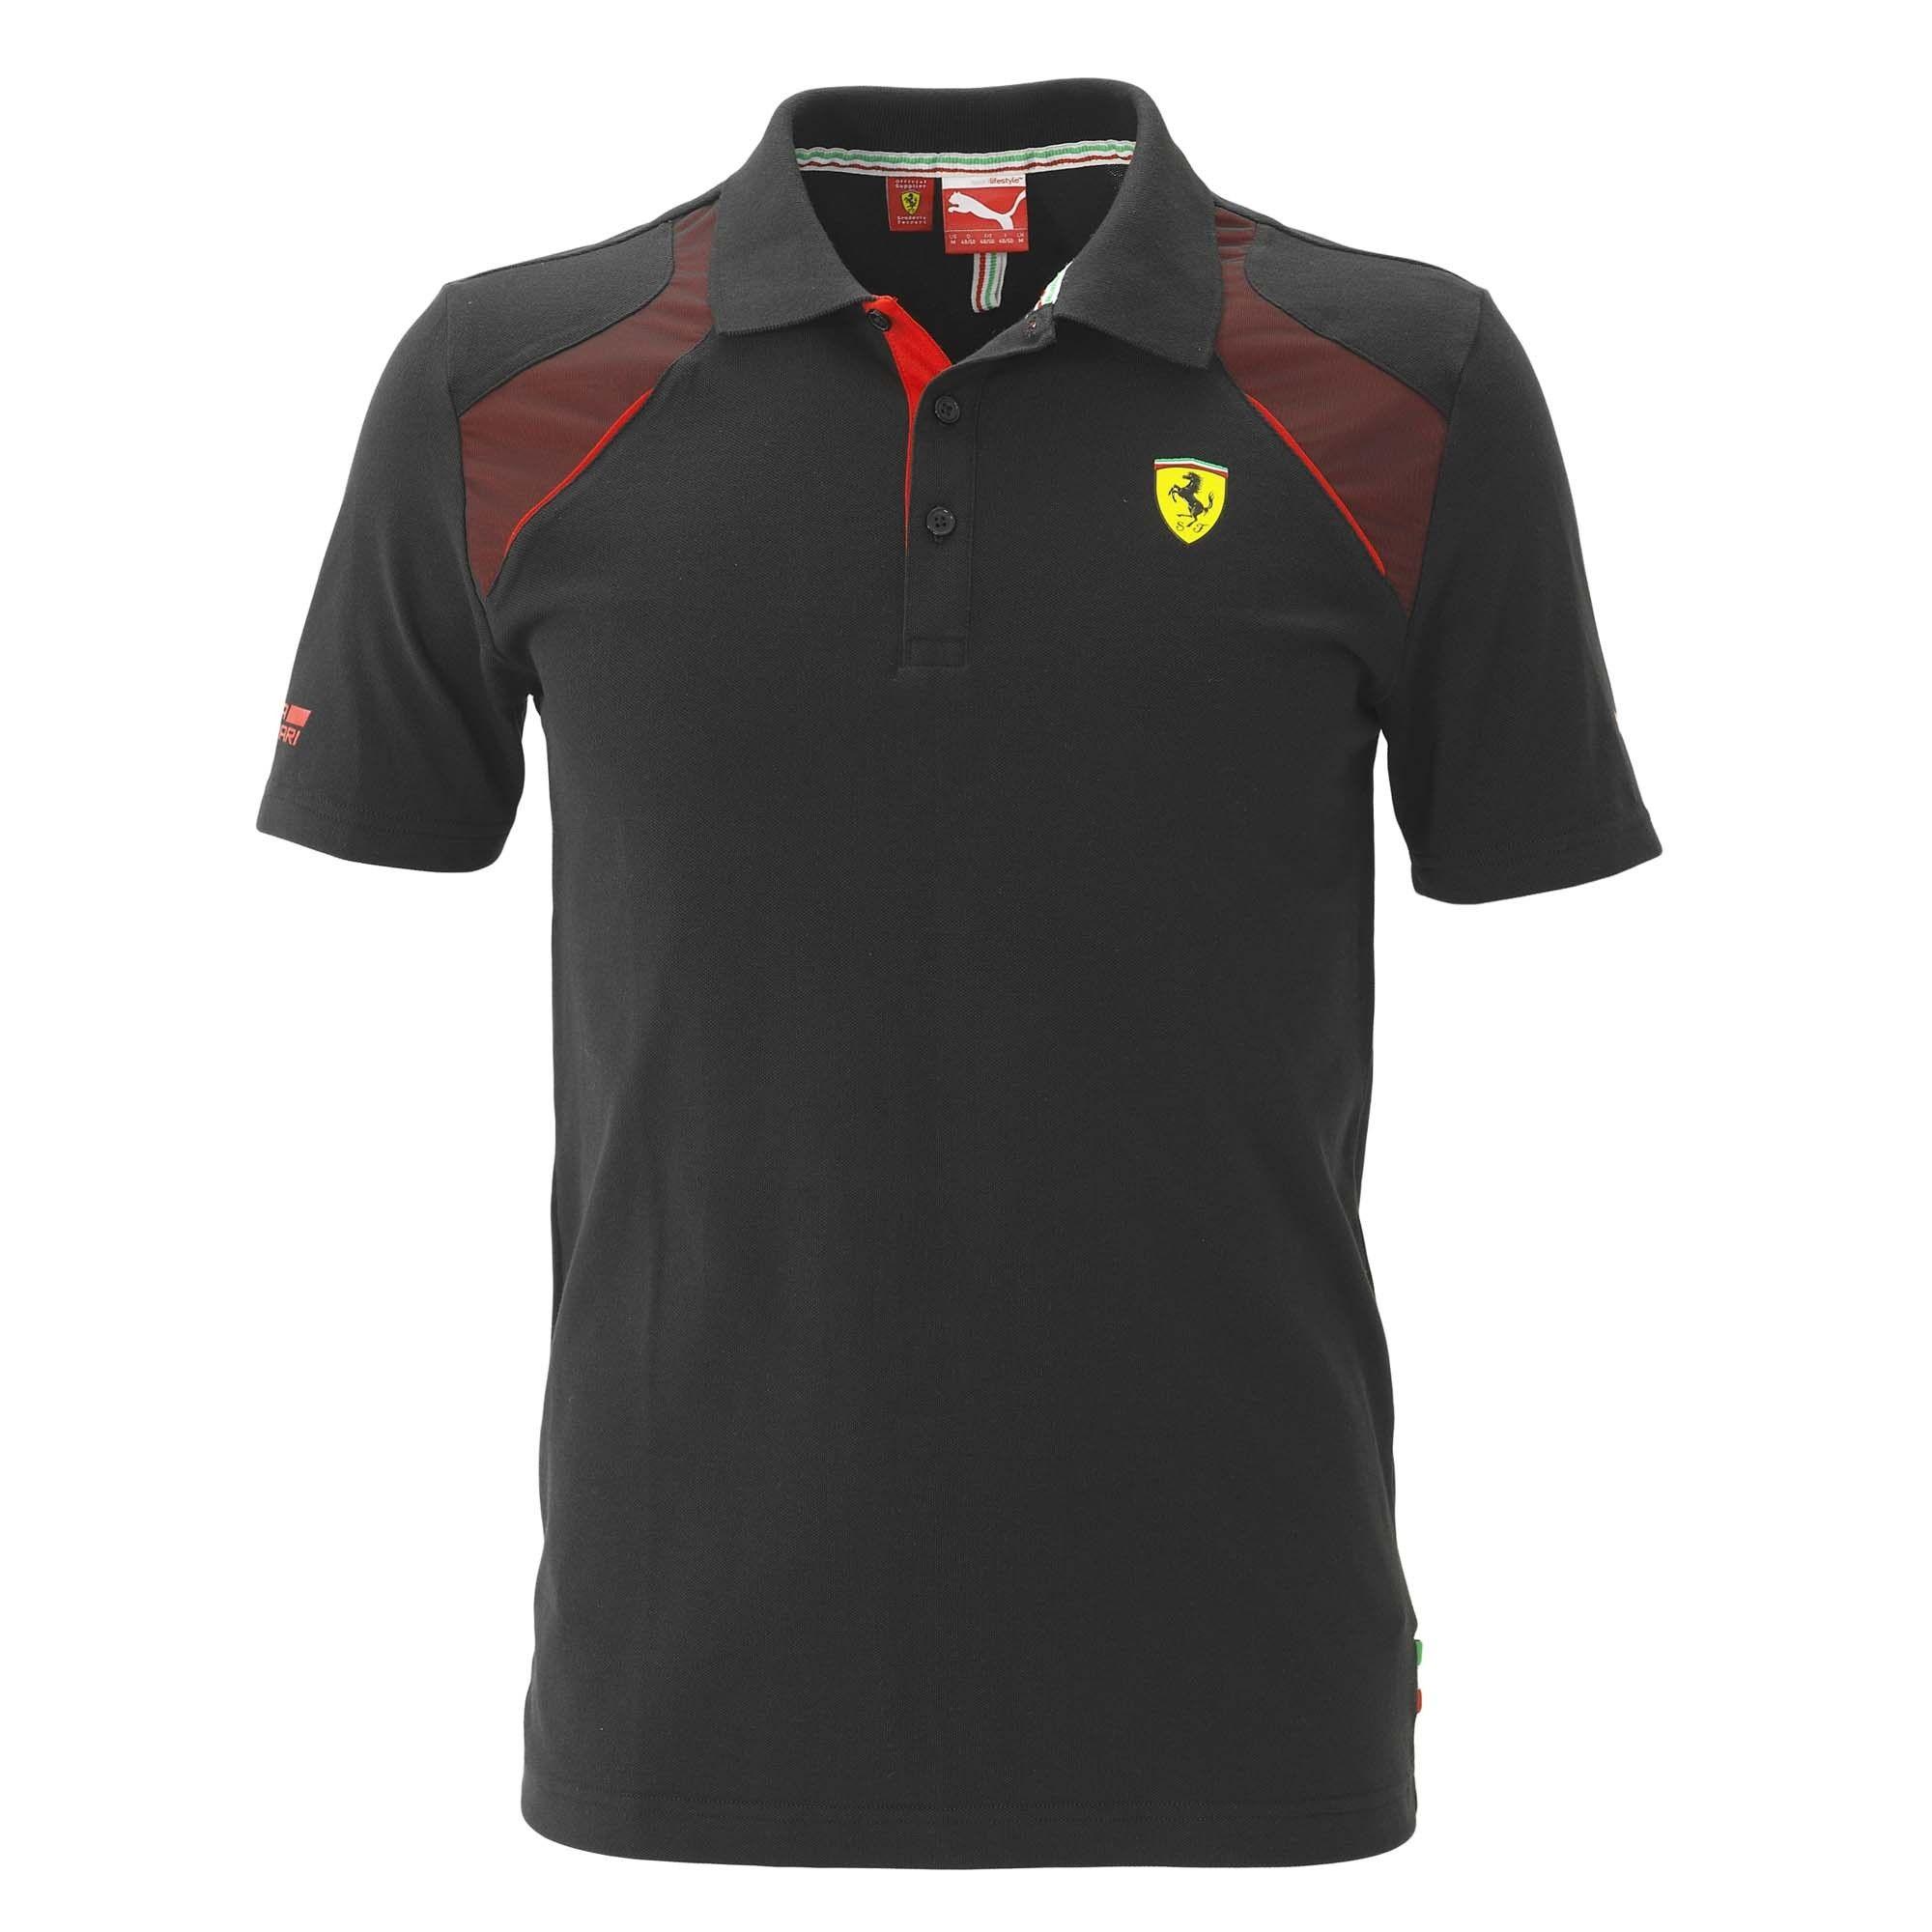 F1 Polo Shirts Shop F1 Fansite Novos negócios